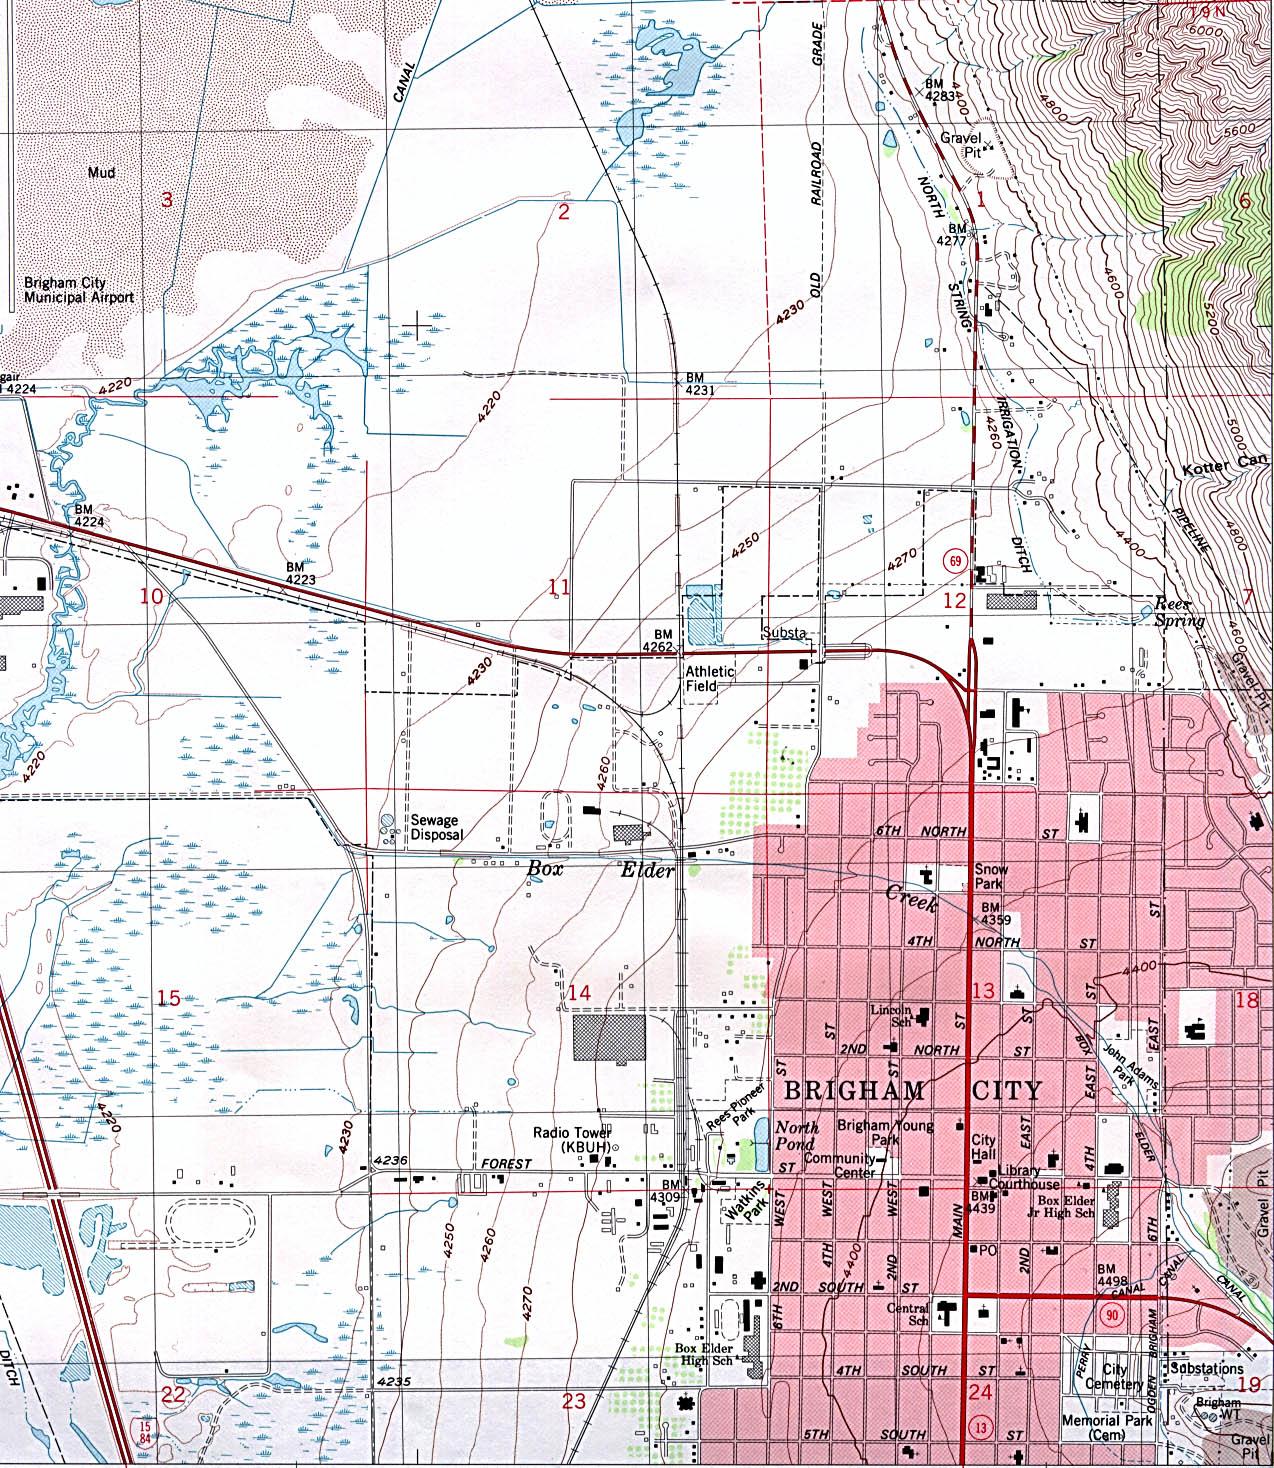 Topográfico de la Ciudad de Brigham City, Utah, Estados Unidos